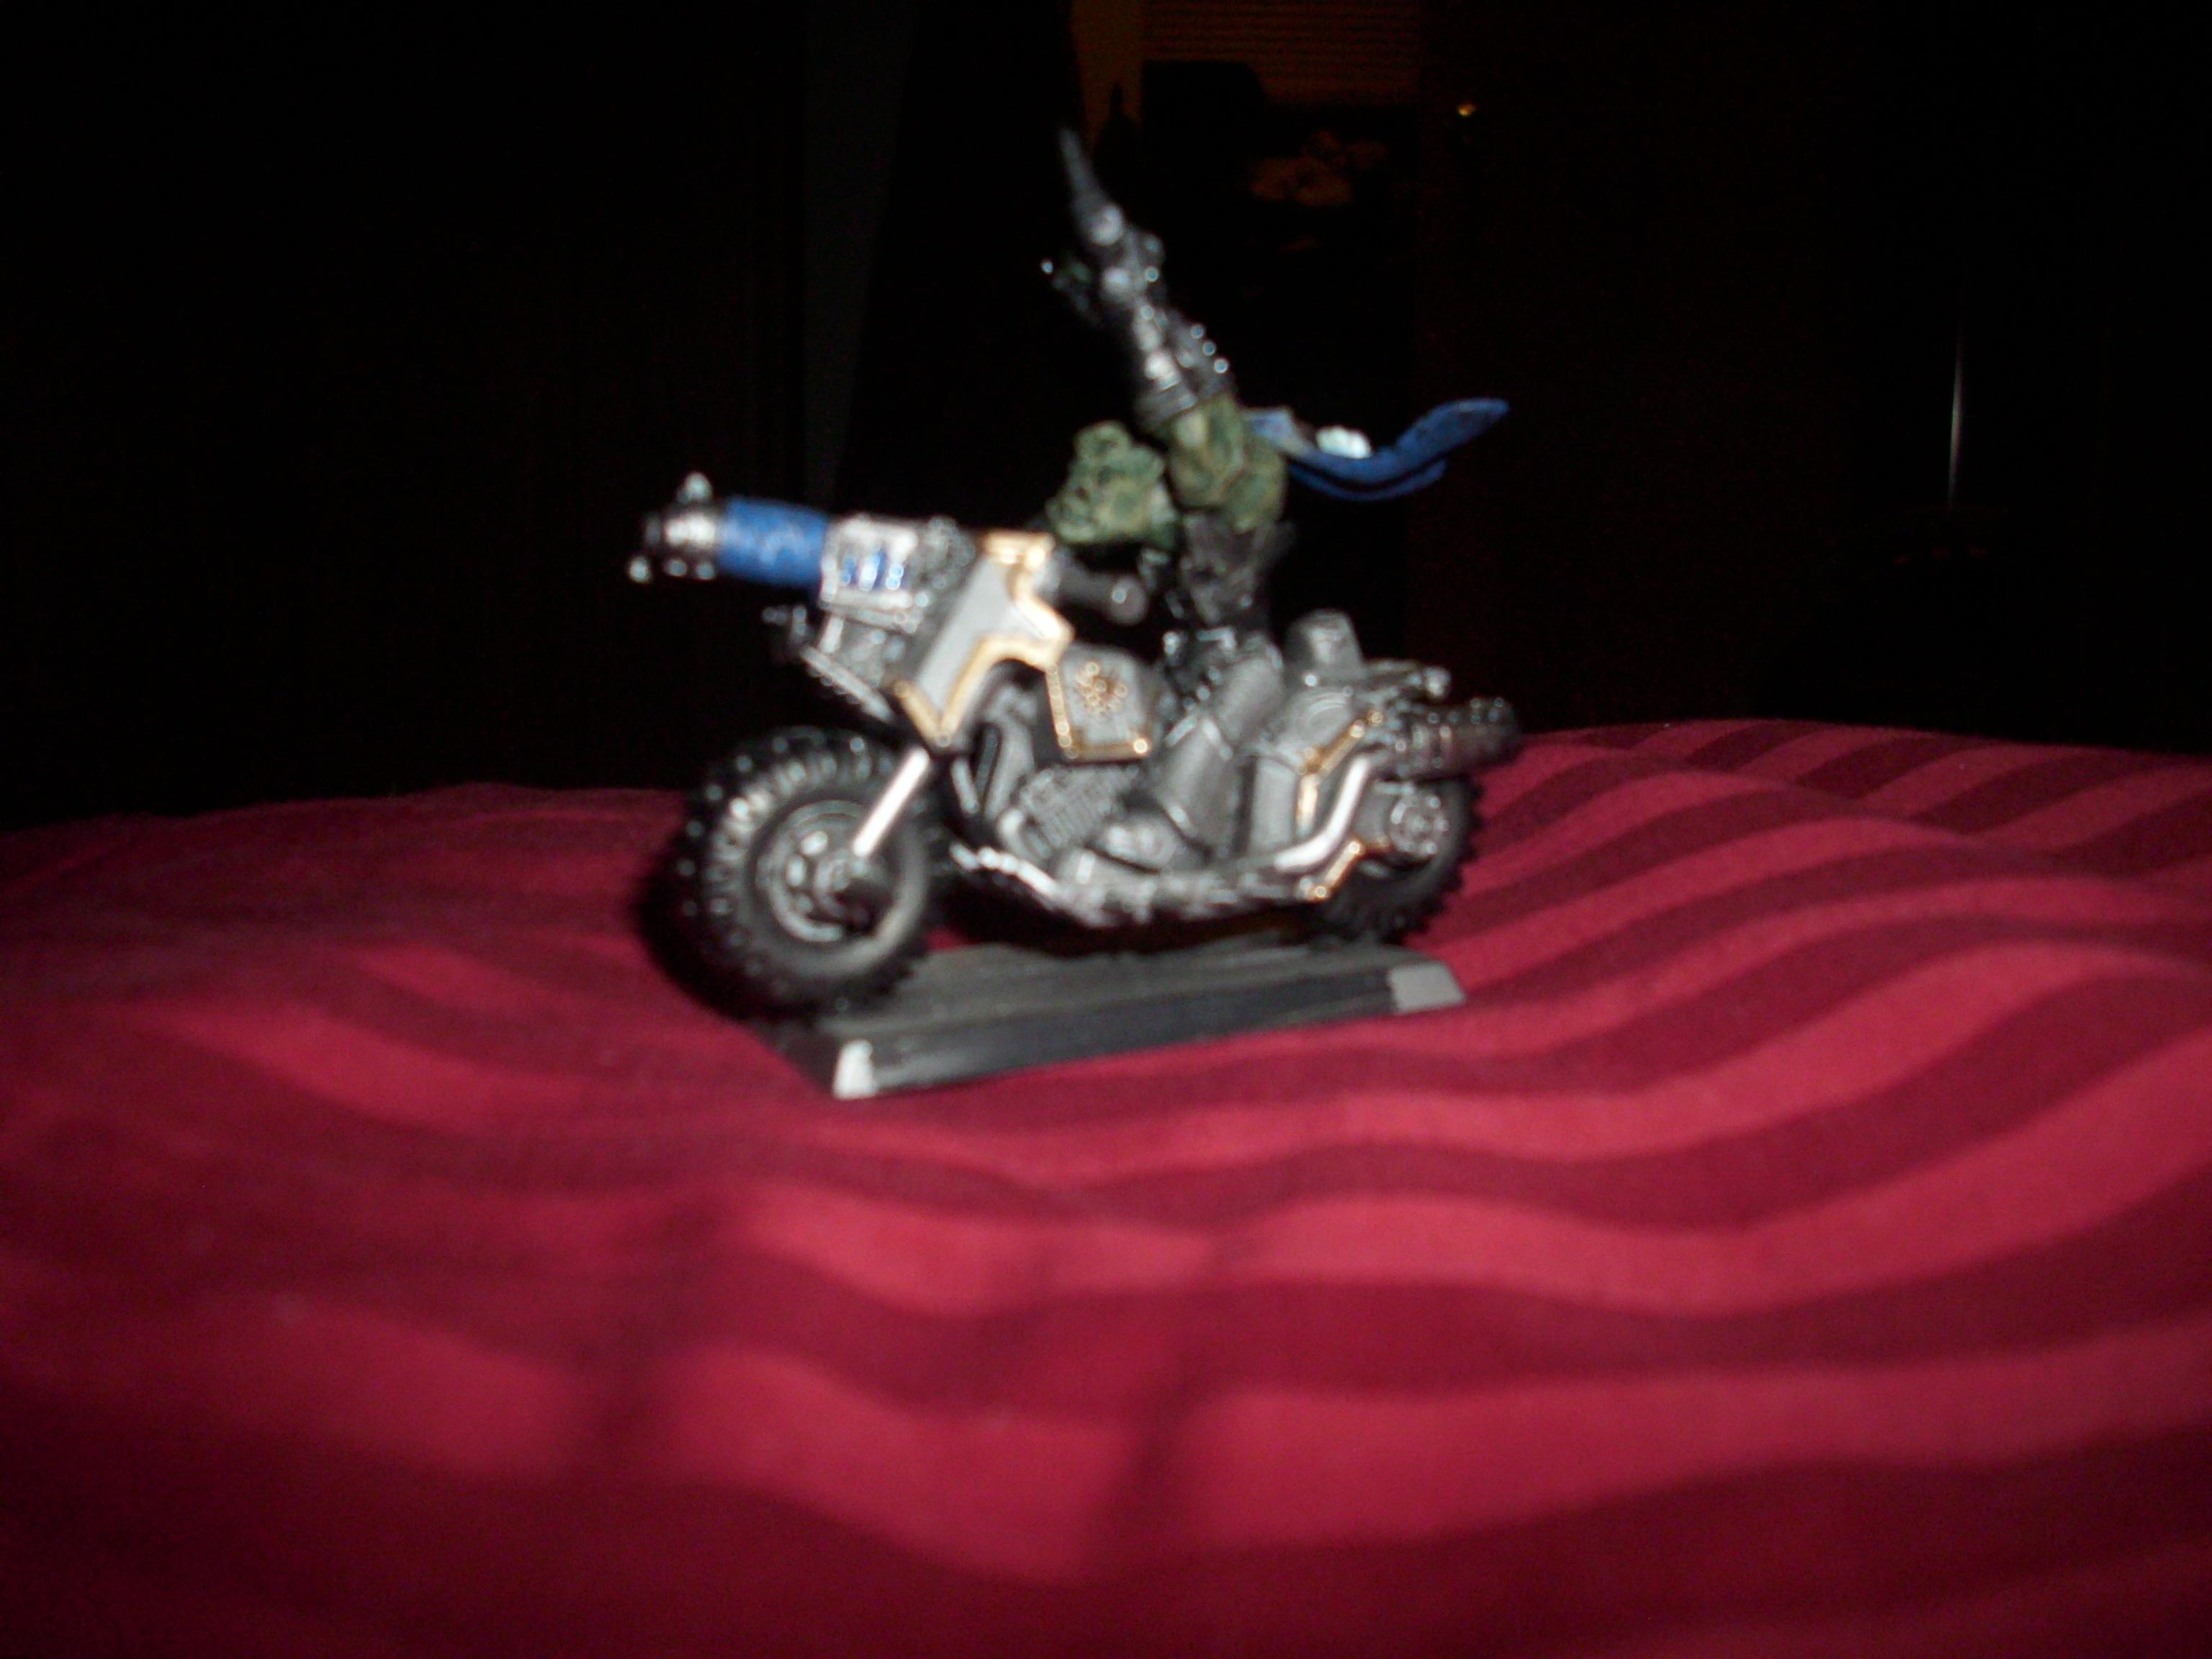 Bike, Mob, Nob, nob biker #2